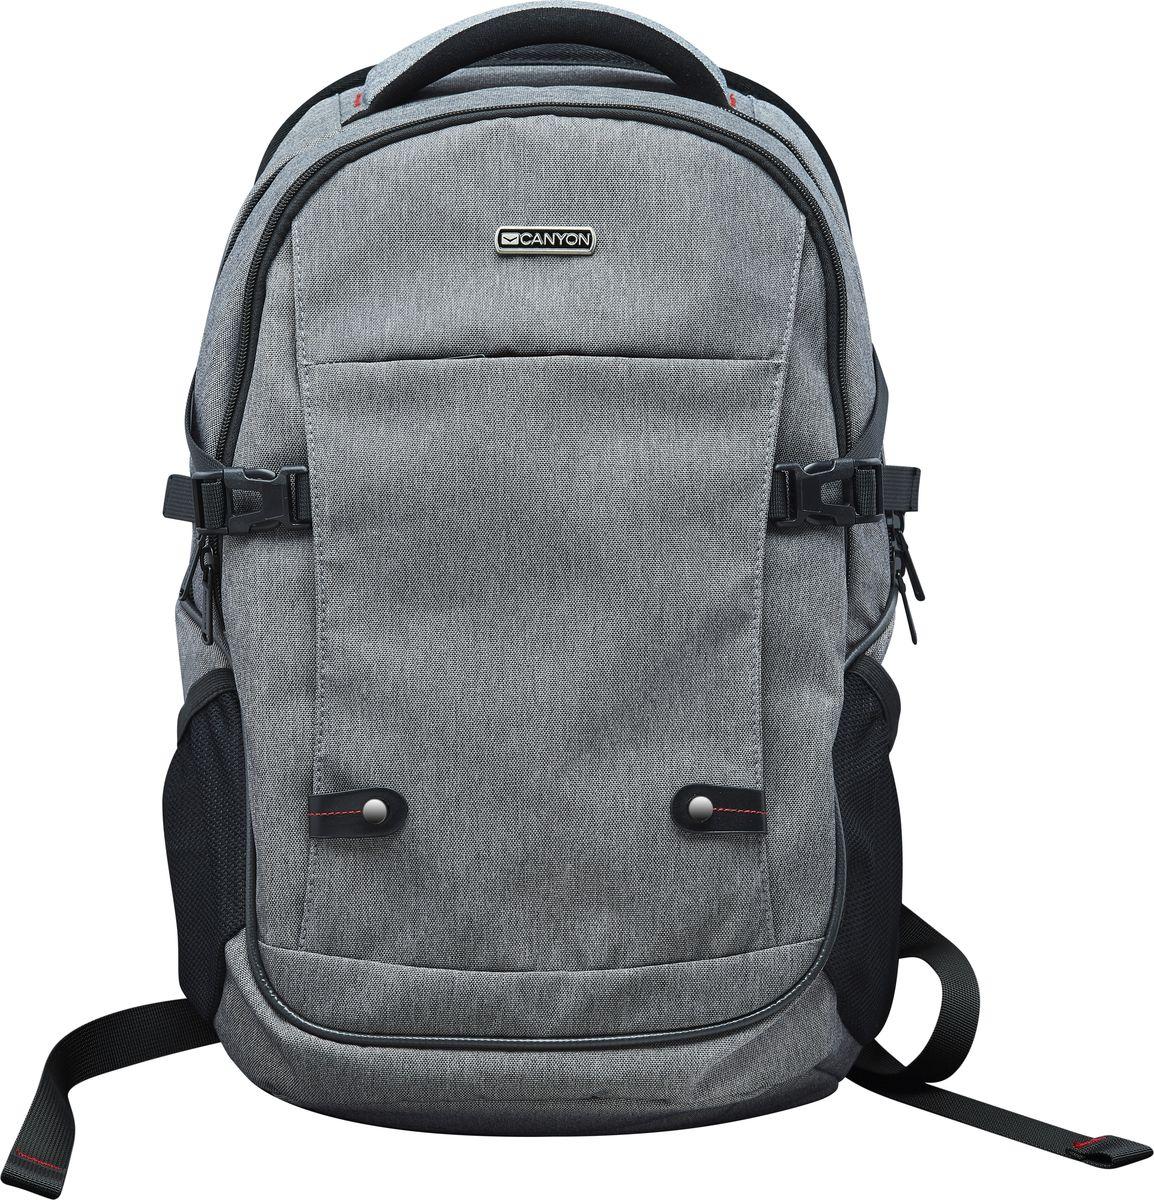 Canyon CNE-CBP5G8, Gray рюкзак для ноутбука 15,6Canyon CNE-CBP5G8 рюкзак для ноутбука 15,6Рюкзак Canyon CNE-CBP5G8 серого цвета станет незаменимым аксессуаром для людей, чья жизнь проходит впостоянном движении. Обладая регулируемыми по длине плечевыми ремнями, обеспечивающими комфорт припереноске, он отлично подойдет для средних ноутбуков с диагональю до 15.6 дюймов. Кроме того, данная модельоснащена эргономичной спинкой с мягкими вставками, передним карманом на молнии, а также внутреннимприжимным ремнем для фиксации компьютера.